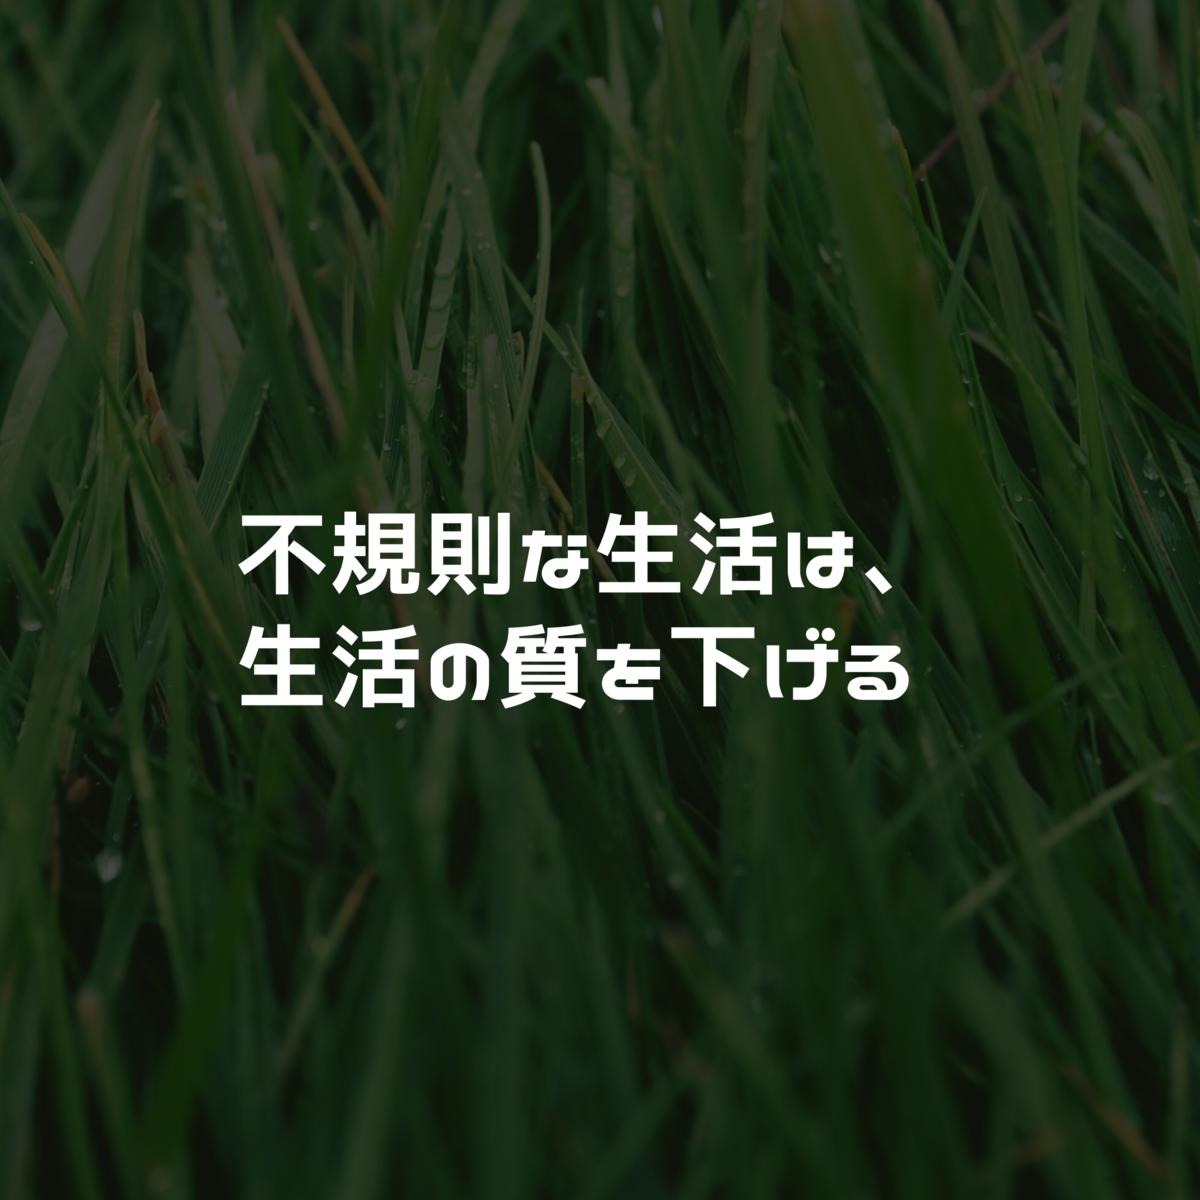 f:id:hanamaru00kun:20200727075345p:plain